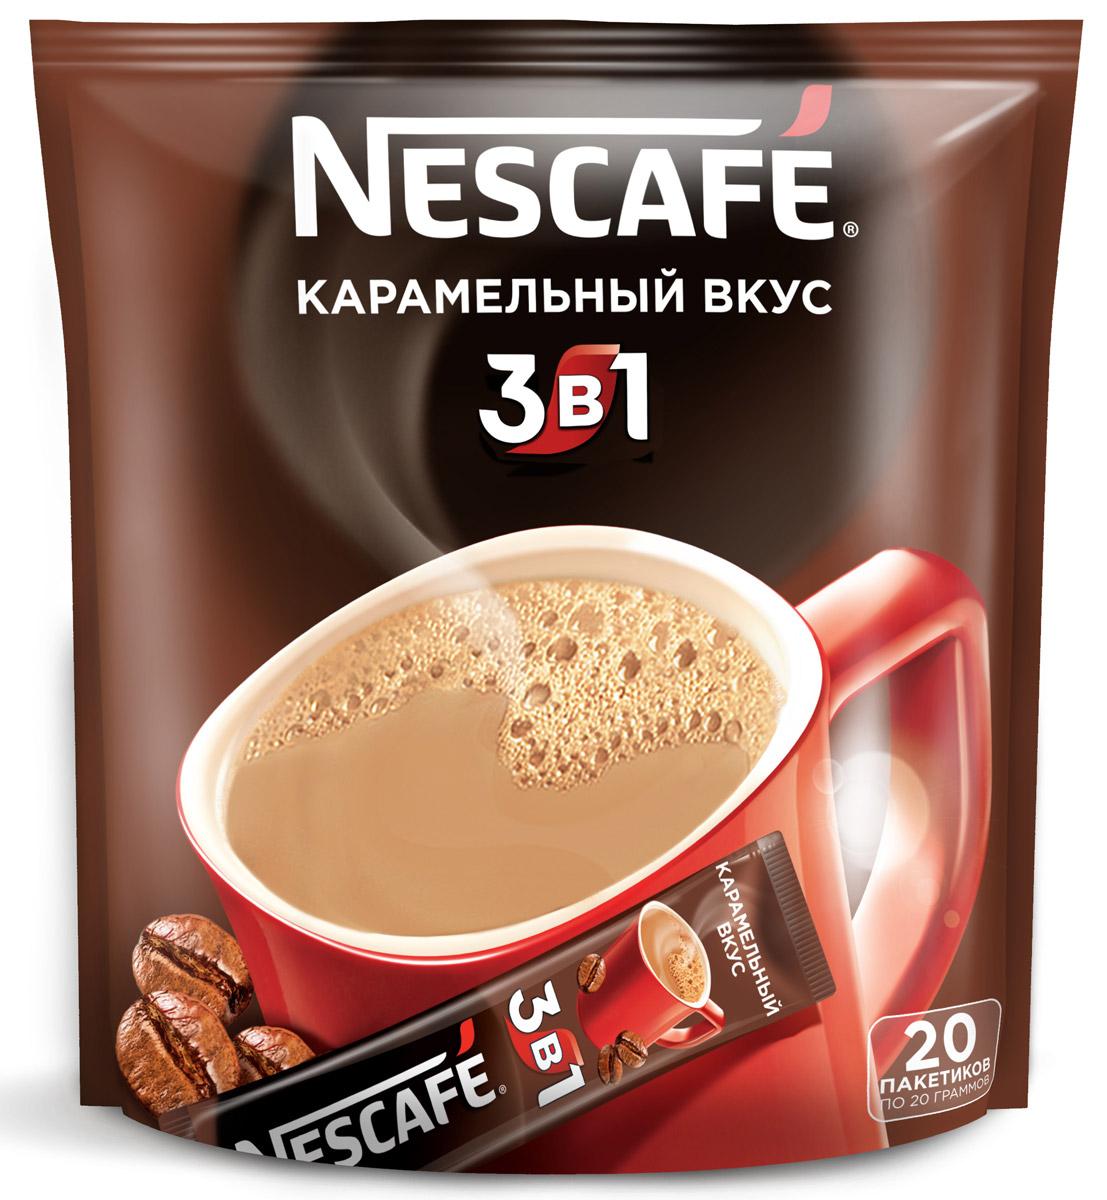 Nescafe 3 в 1 Карамель кофе растворимый, 20 шт0120710Nescafe 3 в 1 Карамель - кофейно-сливочный напиток, в состав которого входят высококачественные ингредиенты: кофе Nescafe, сахар, сливки растительного происхождения. Каждый пакетик Nescafe 3 в 1 подарит вам идеальное сочетание кофе, сливок, сахара!